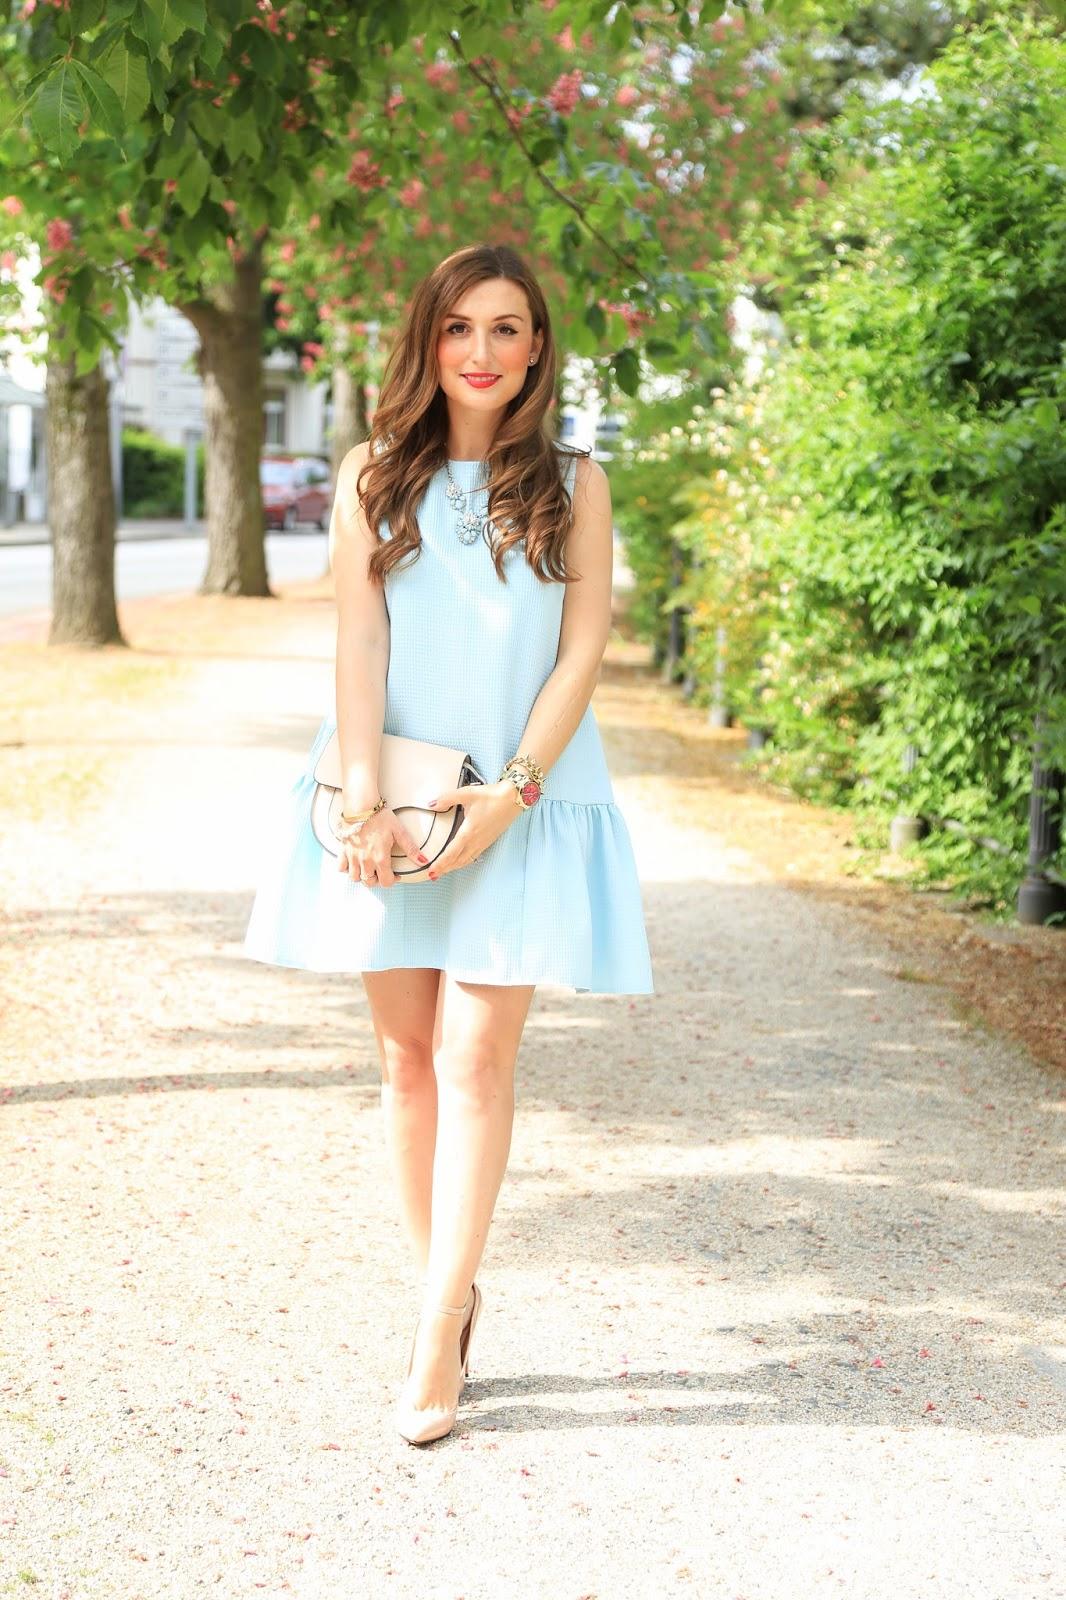 Blogger aus Deutschland - was trägt man im Sommer - Blogge rin Sheinside Kleidung - Sheinside Looks - Fashionstylebyjohanna